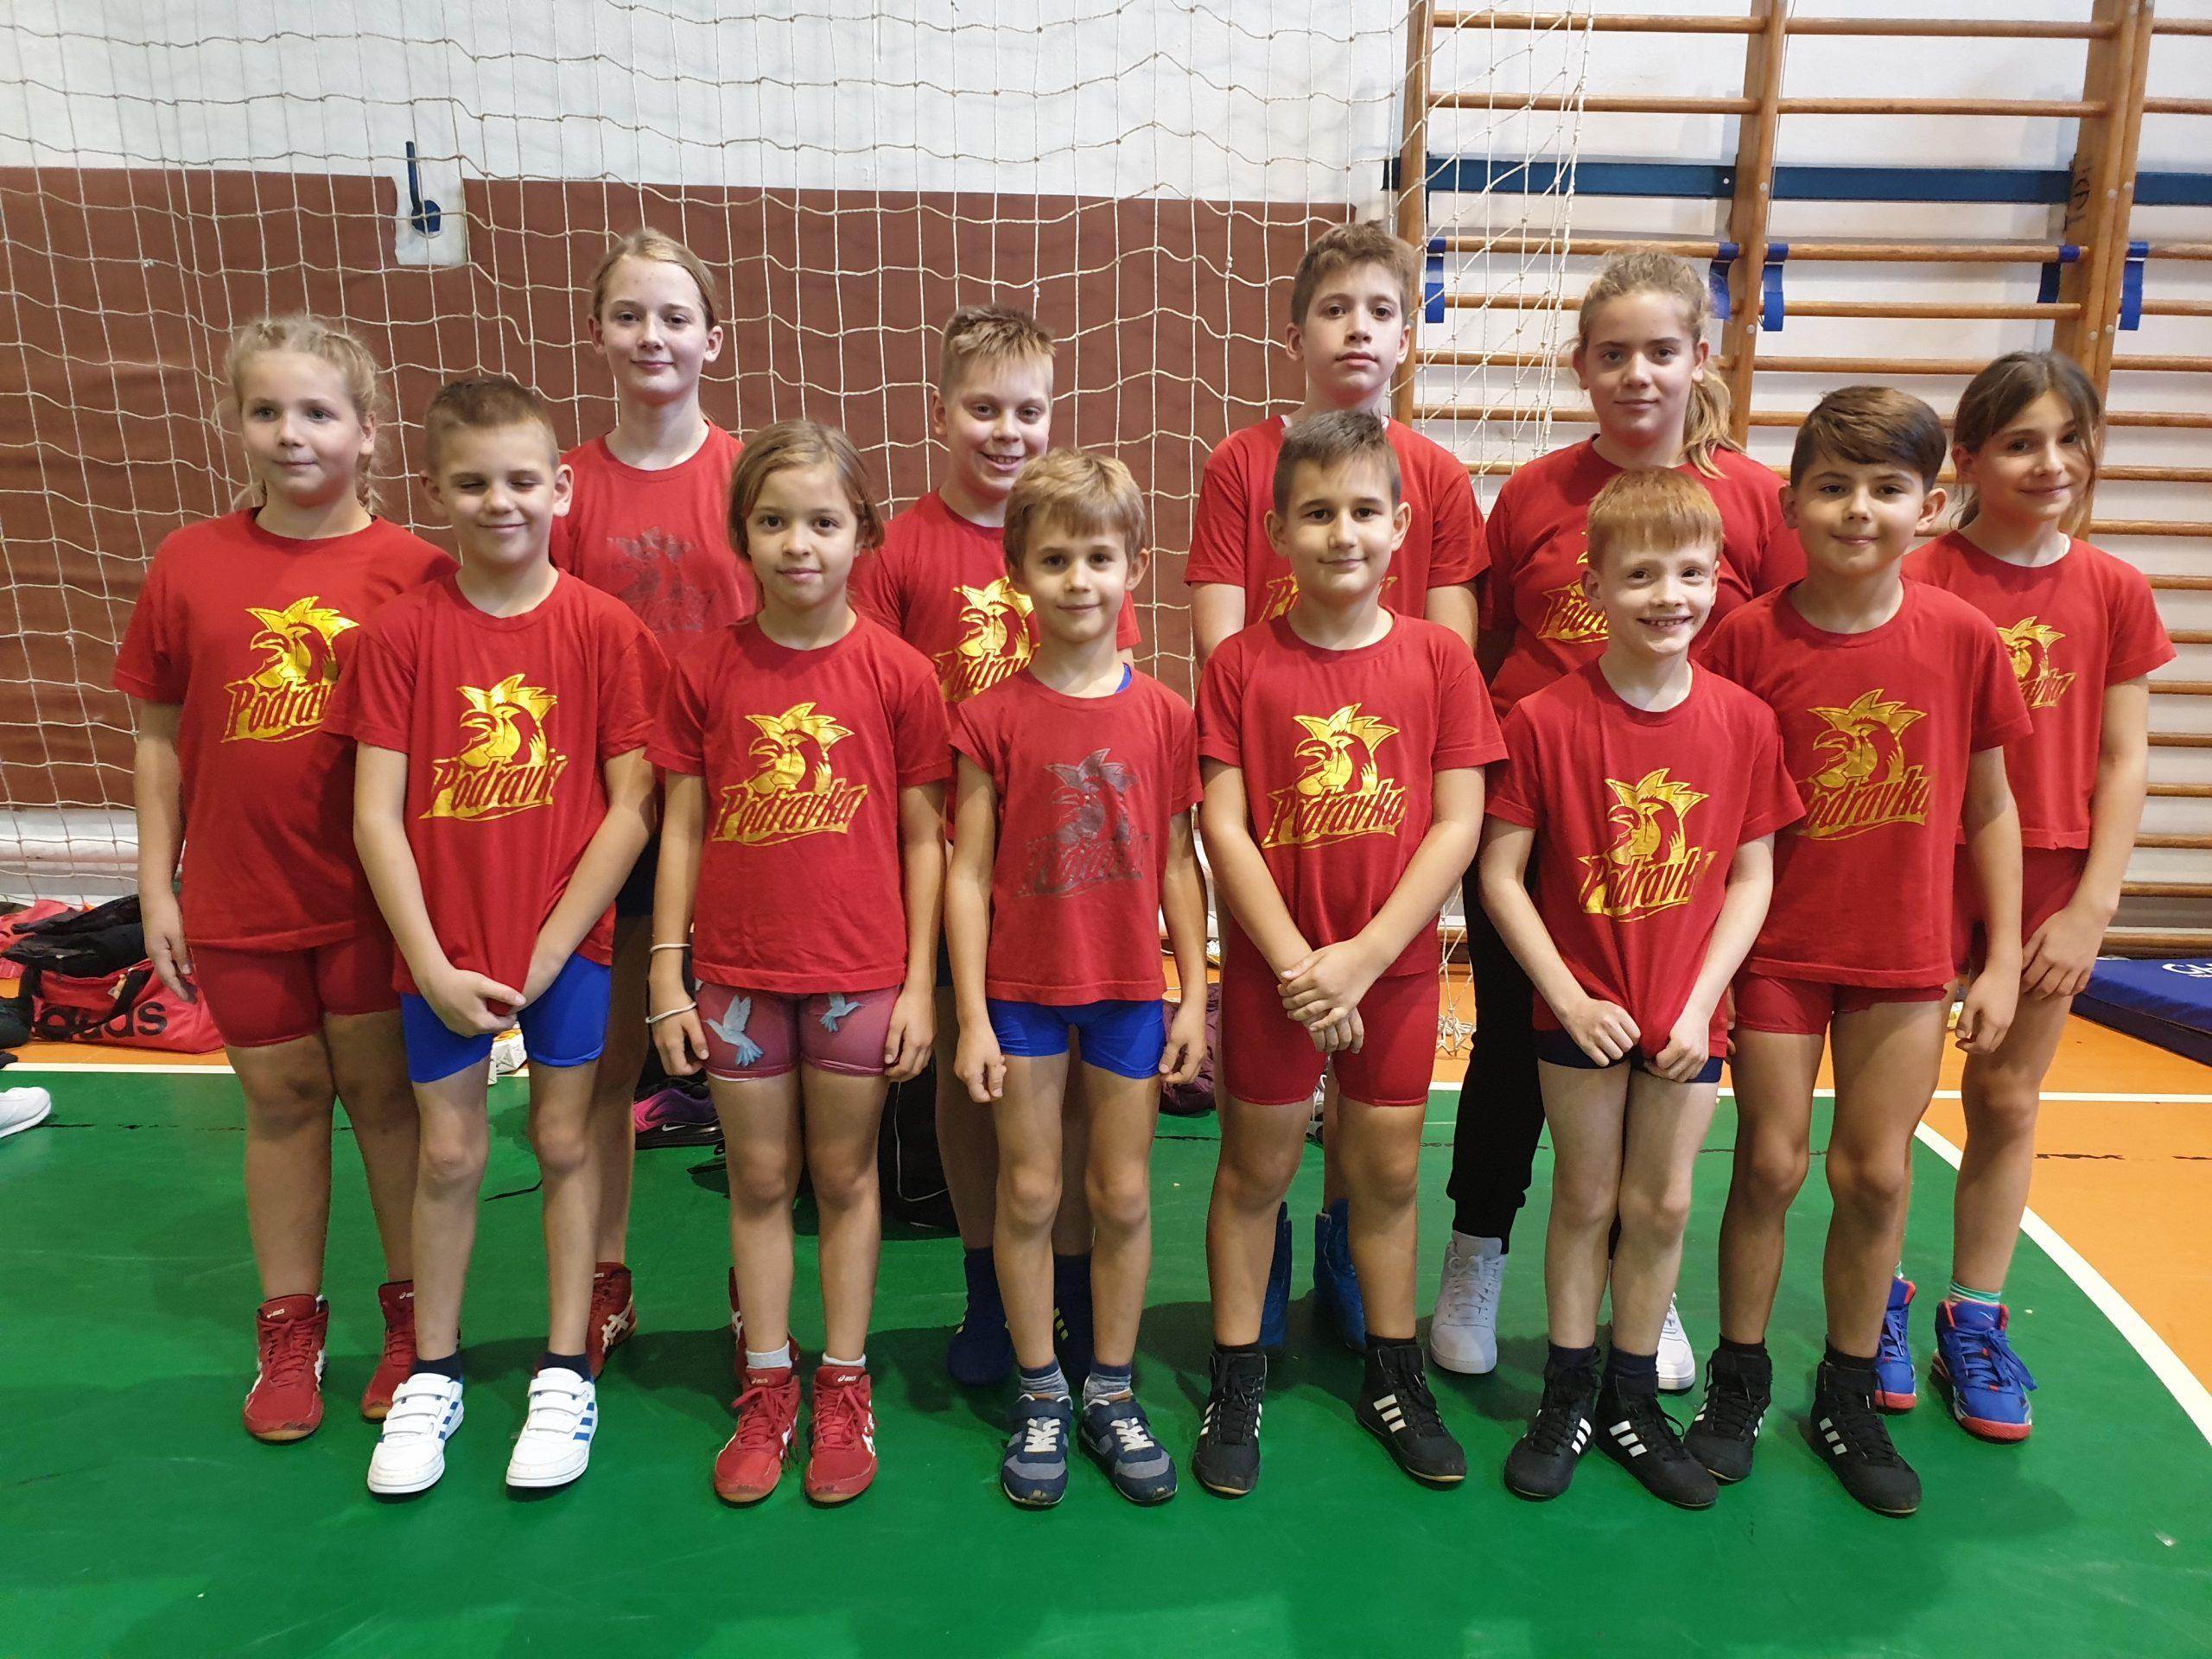 HRVANJE Filip Kuharić i Korina Rogić osvojili prva mjesta na turniru u Petrinji